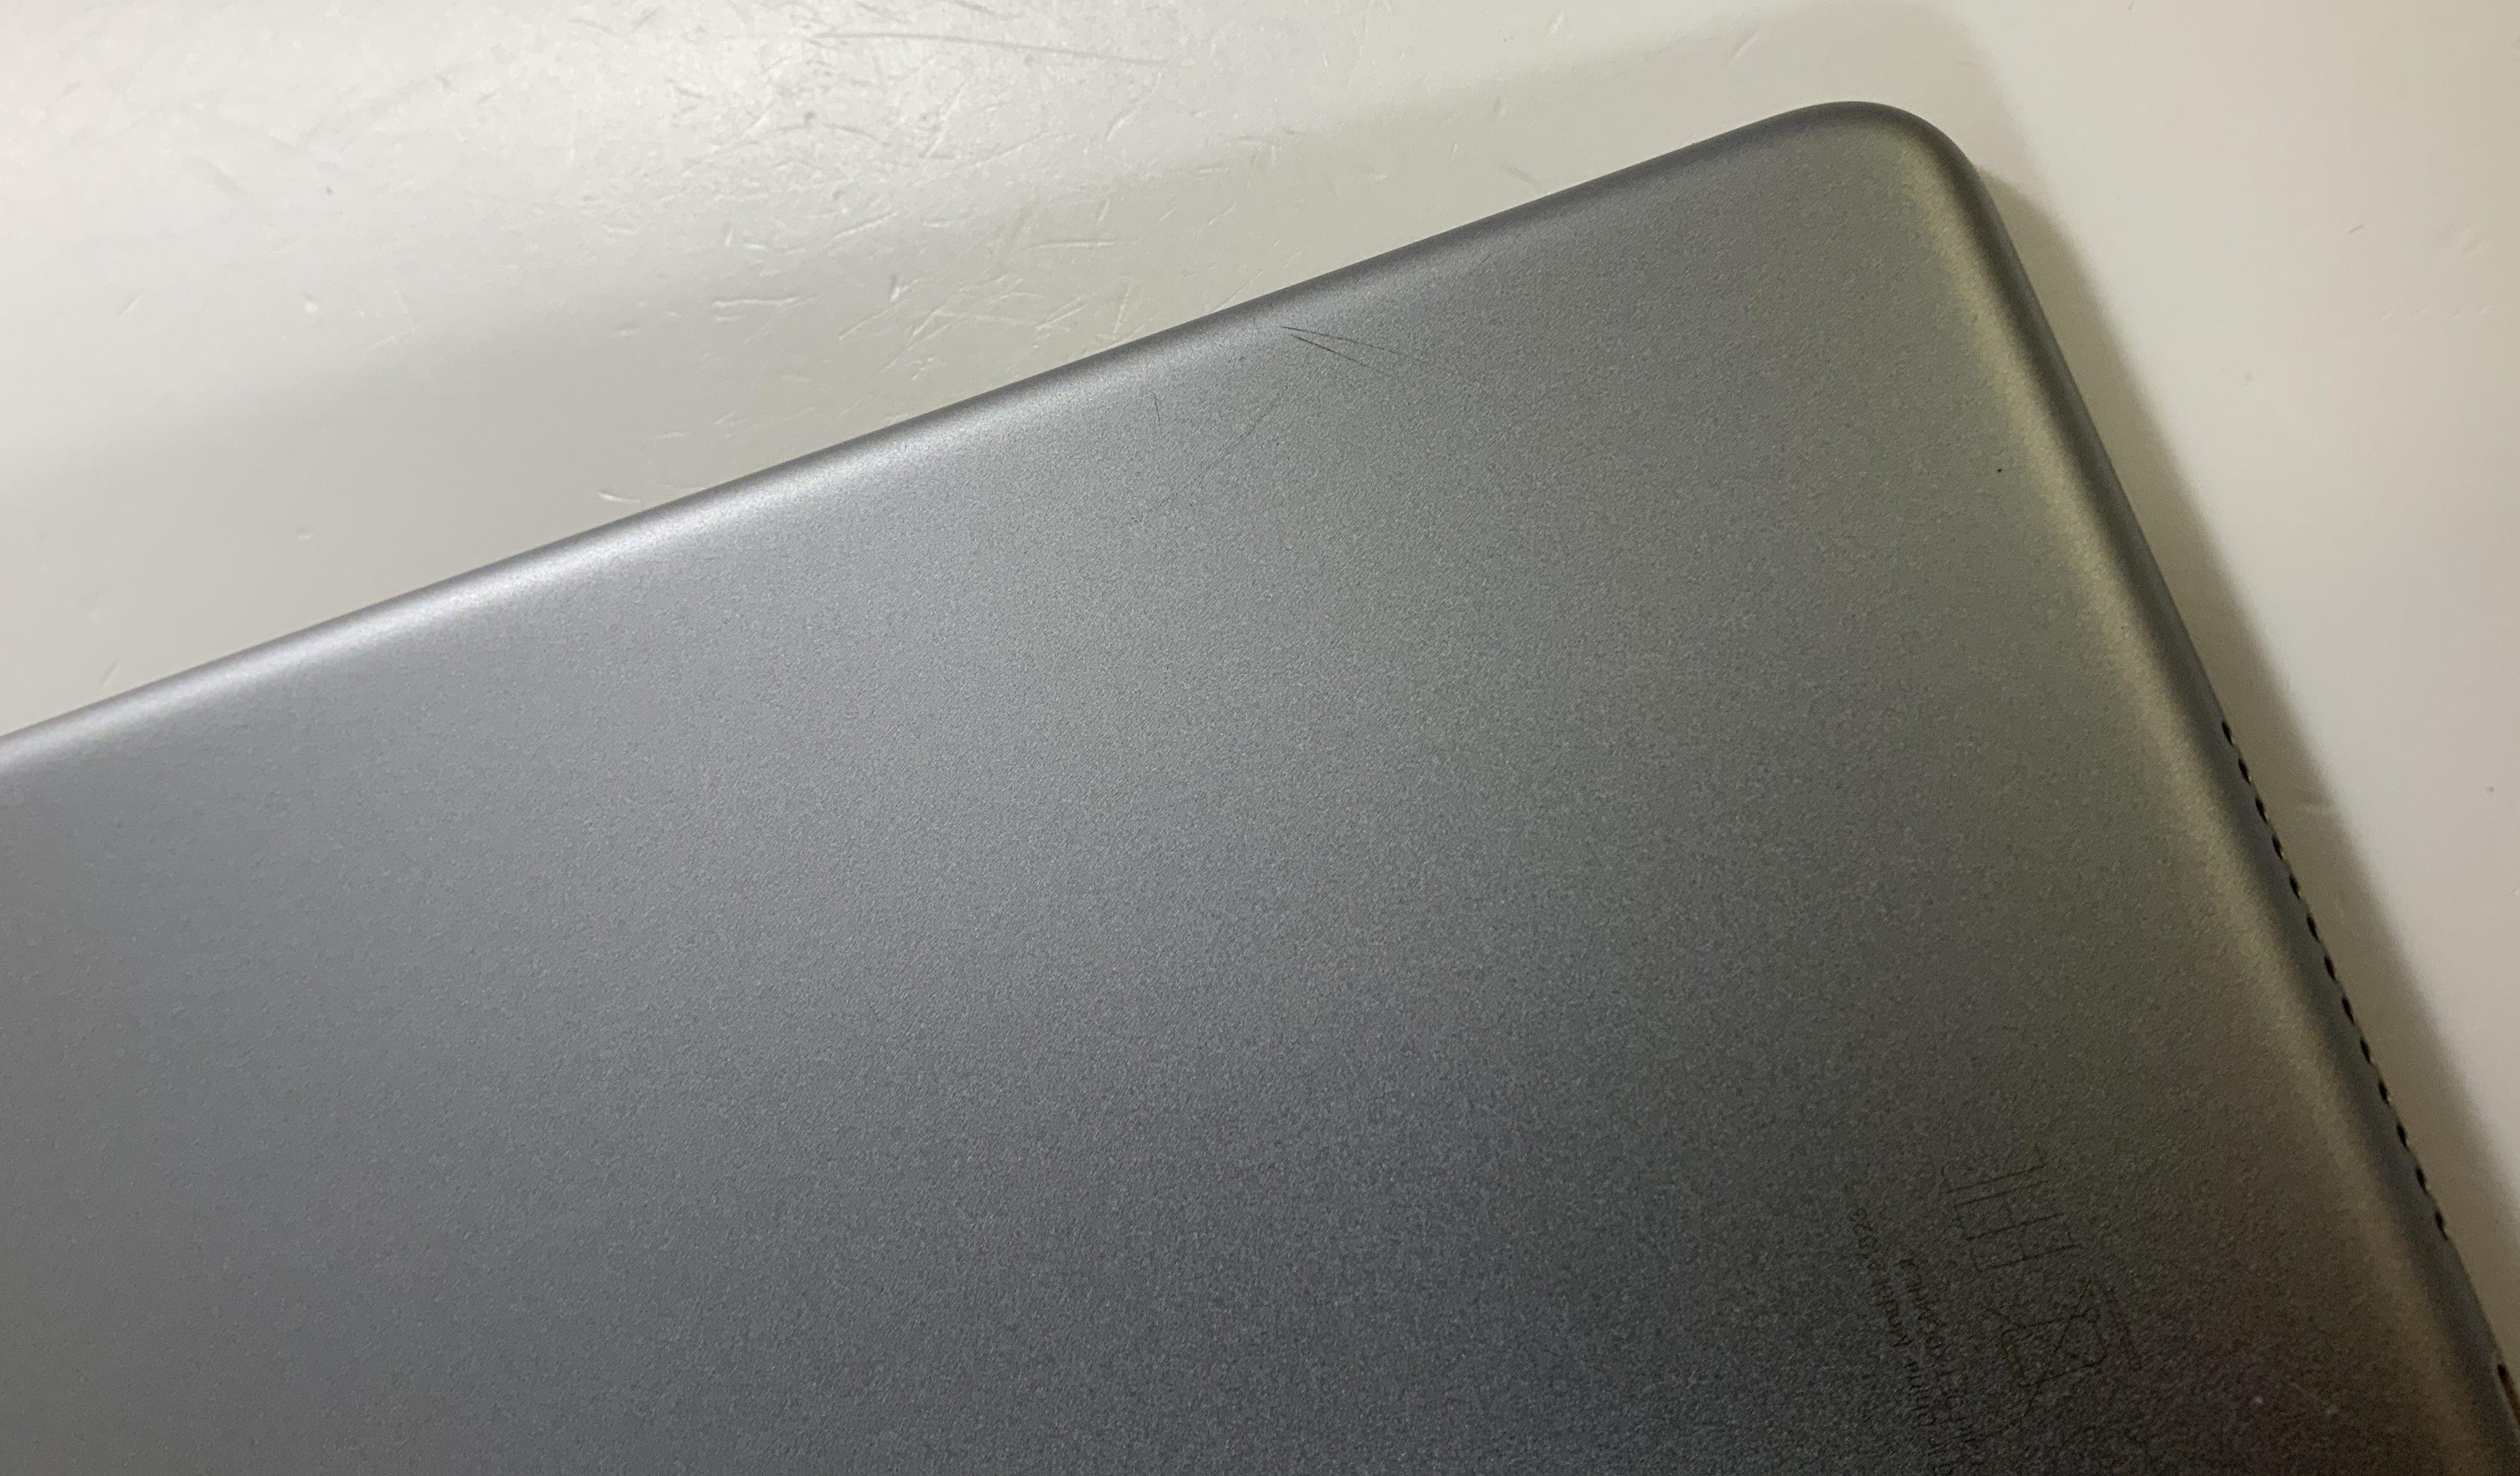 iPad 5 Wi-Fi + Cellular 128GB, 128GB, Space Gray, image 7